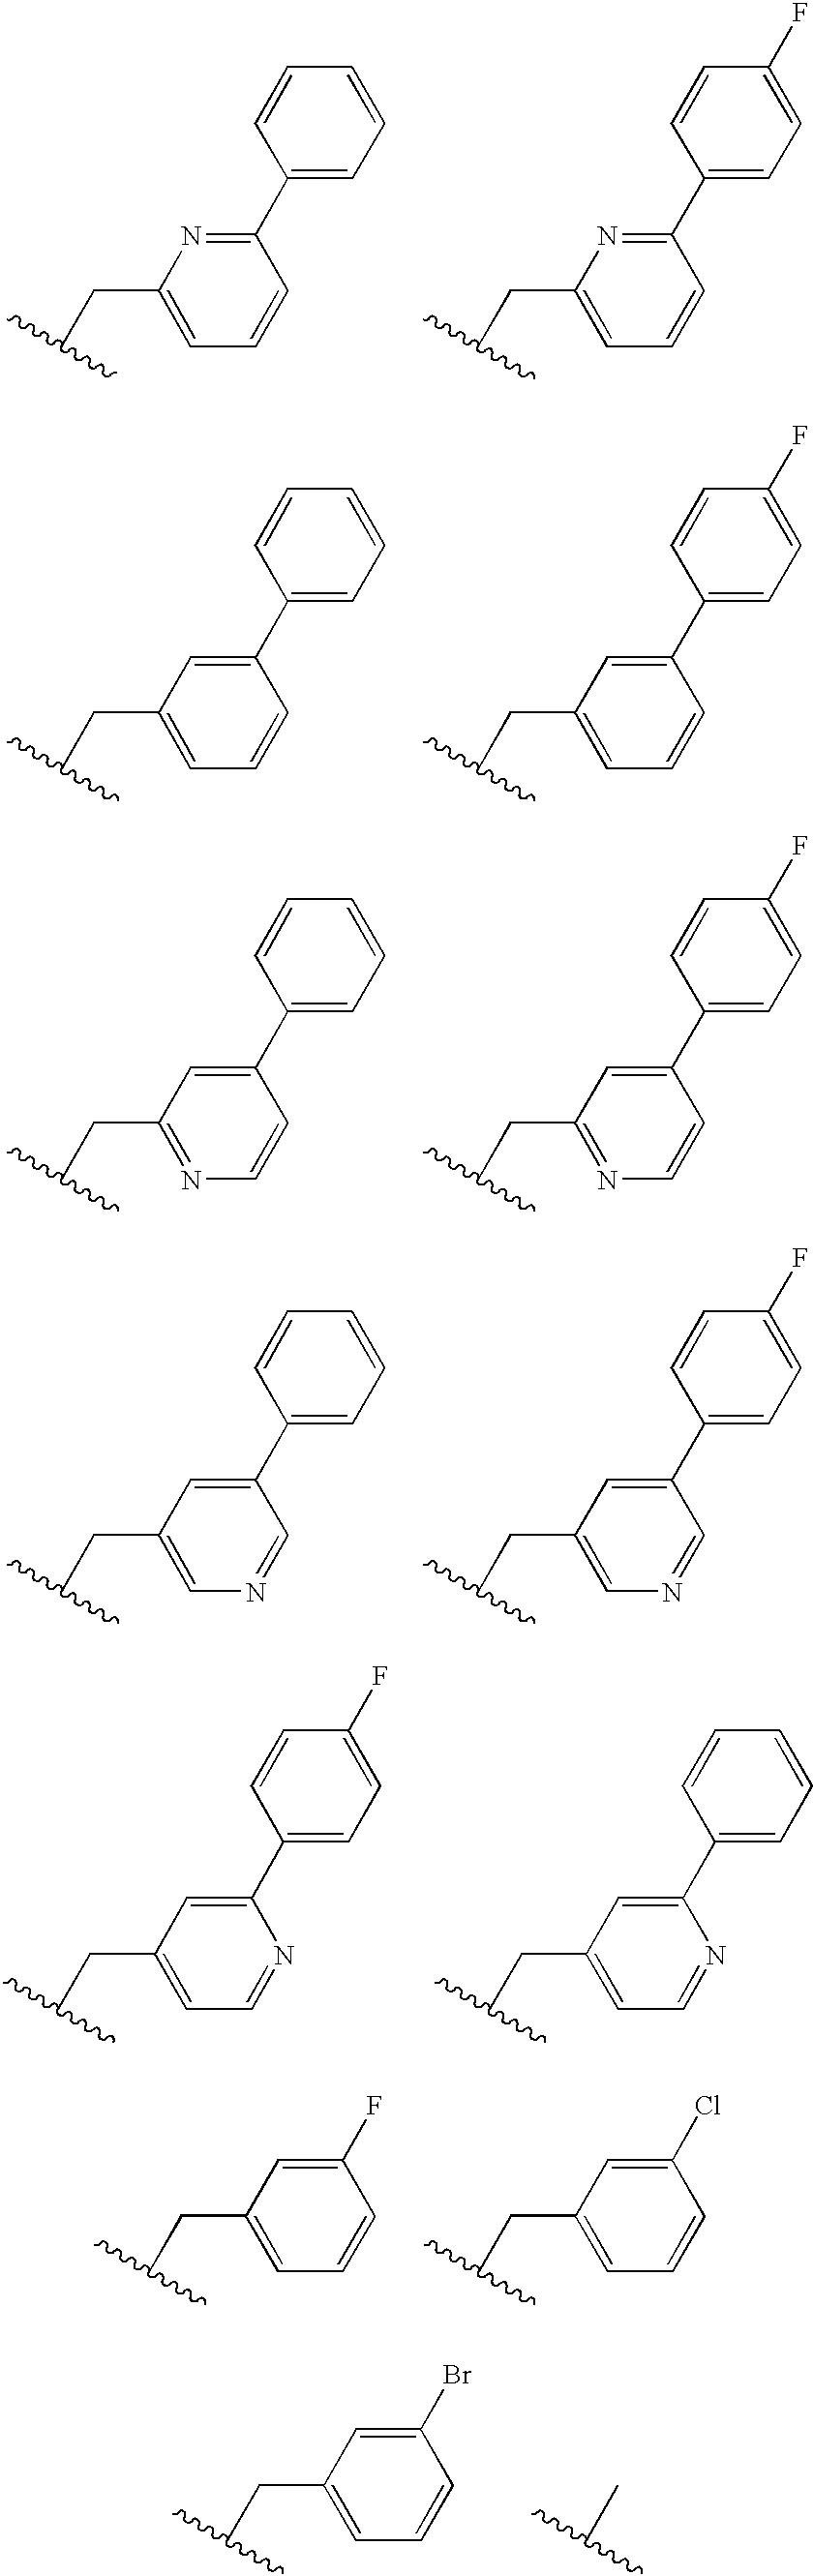 Figure US20100009983A1-20100114-C00159